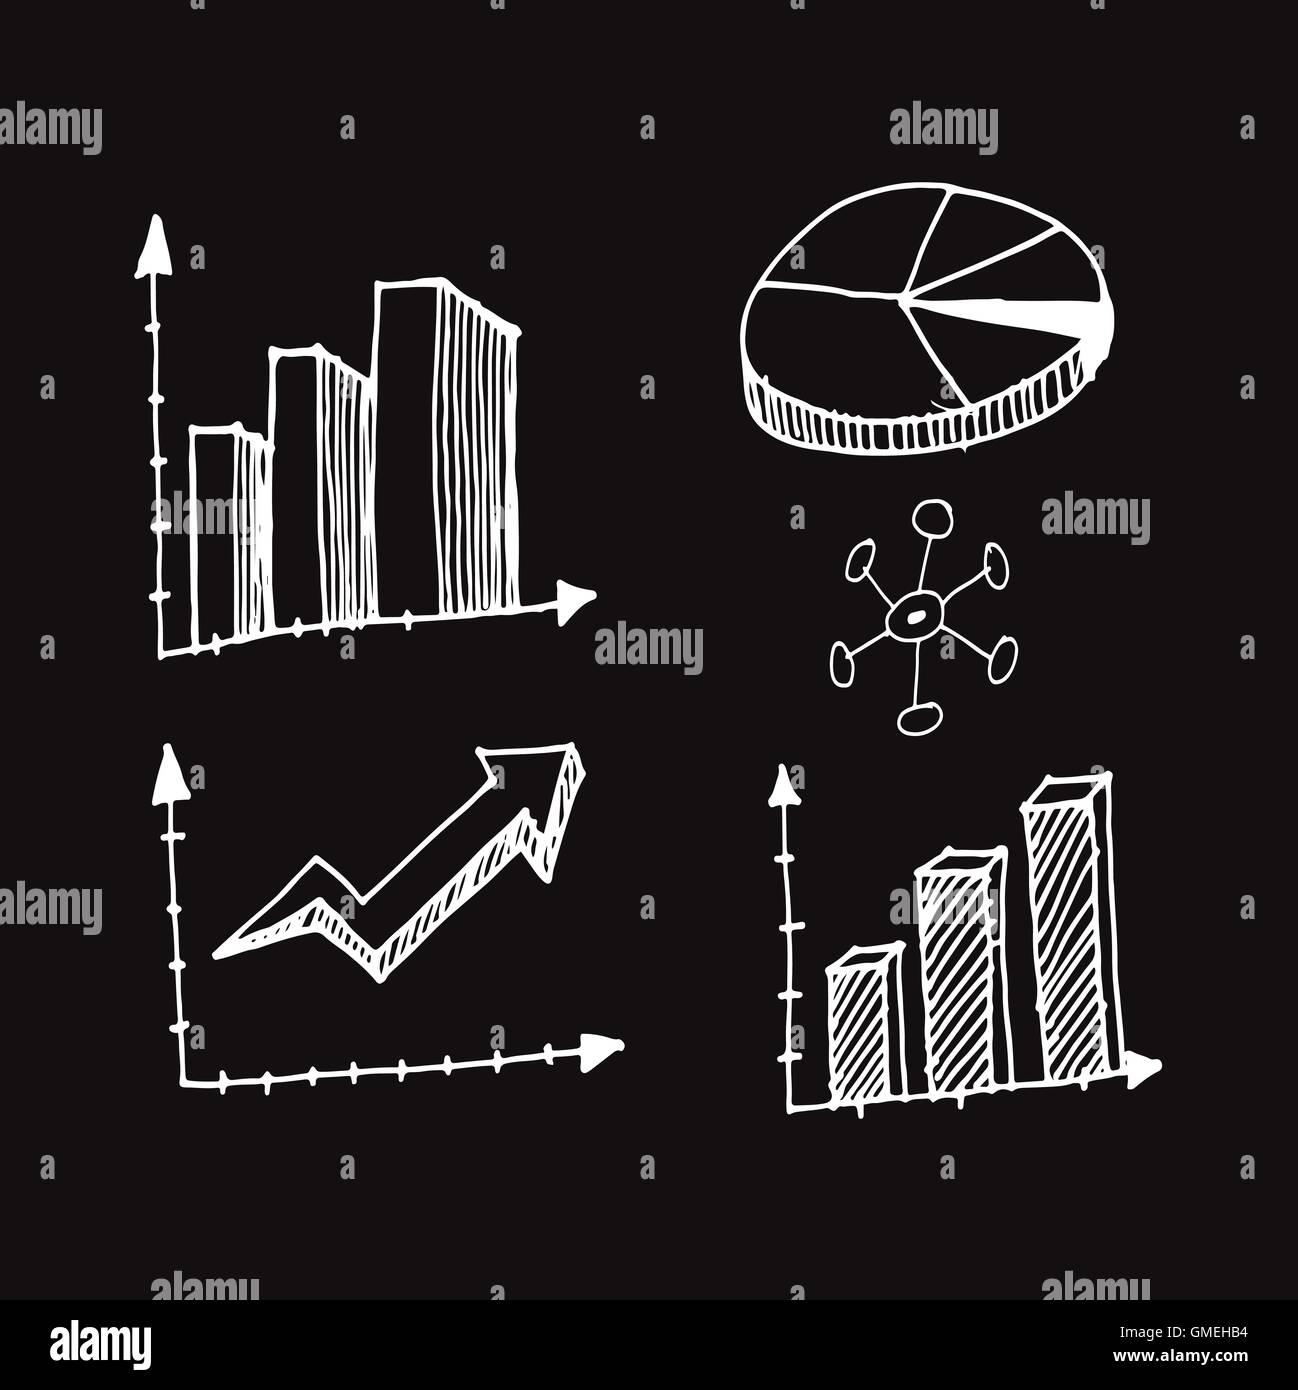 Wunderbar Diagramme Nummer Modell Verdrahtung Bohn Bht030h2b Ideen ...